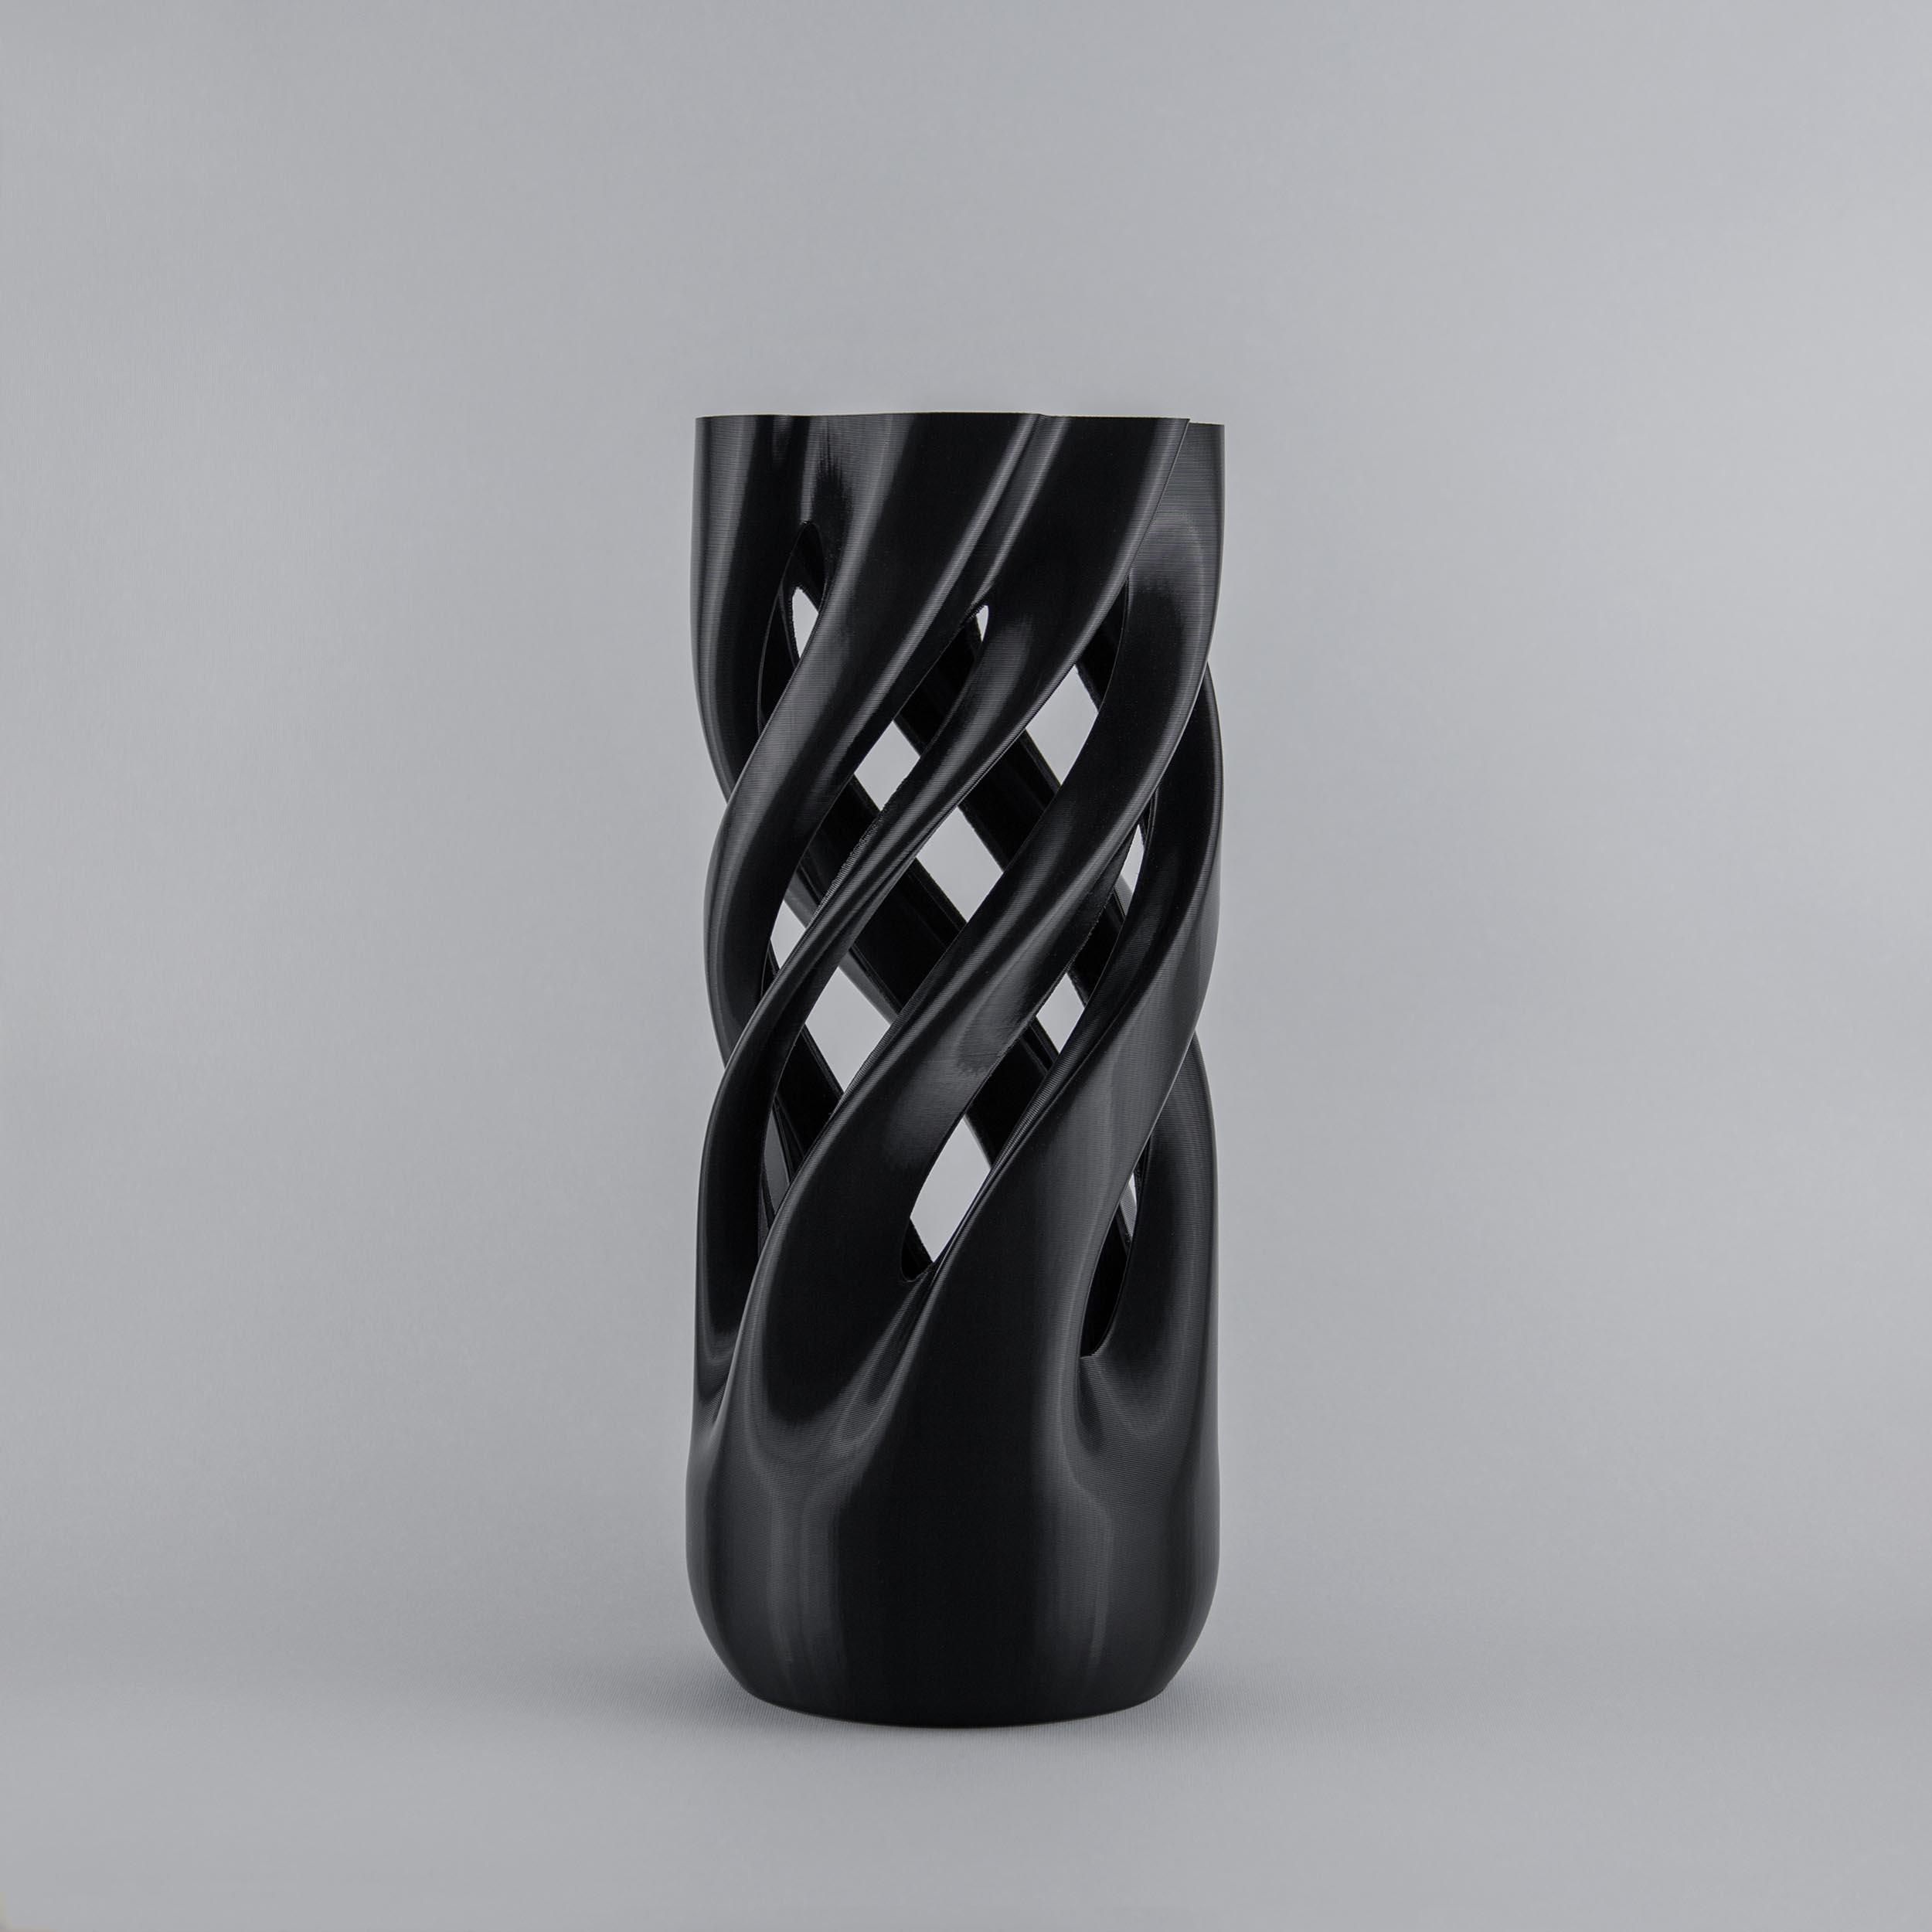 Abbracciame 3D printed vase in black